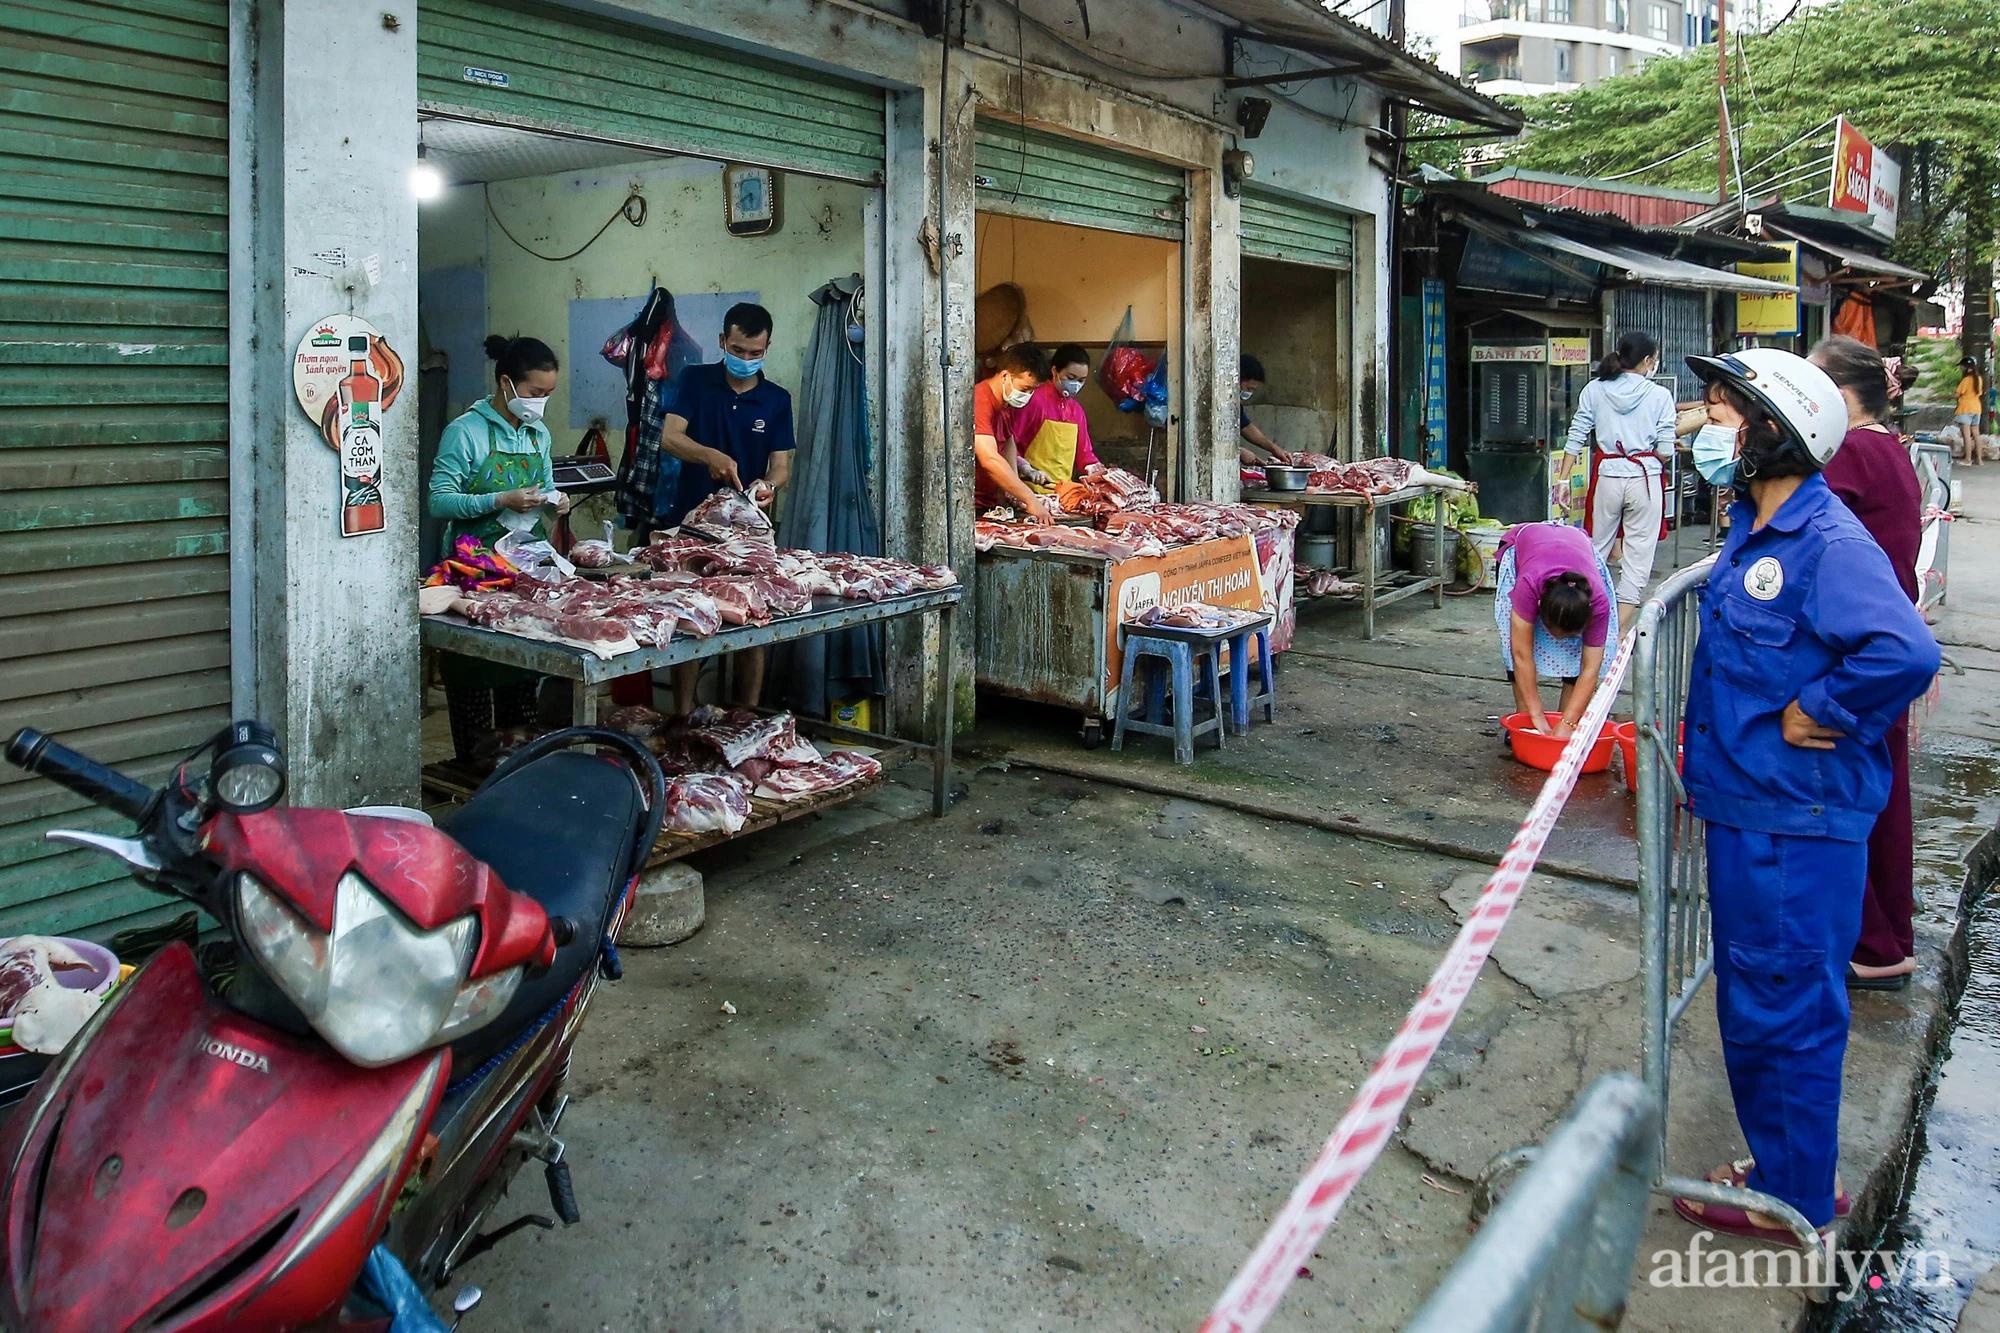 Ngày đầu tiên bắt đầu phát phiếu đi chợ, người Hà Nội đi theo ngày chẵn, ngày lẻ - Ảnh 5.